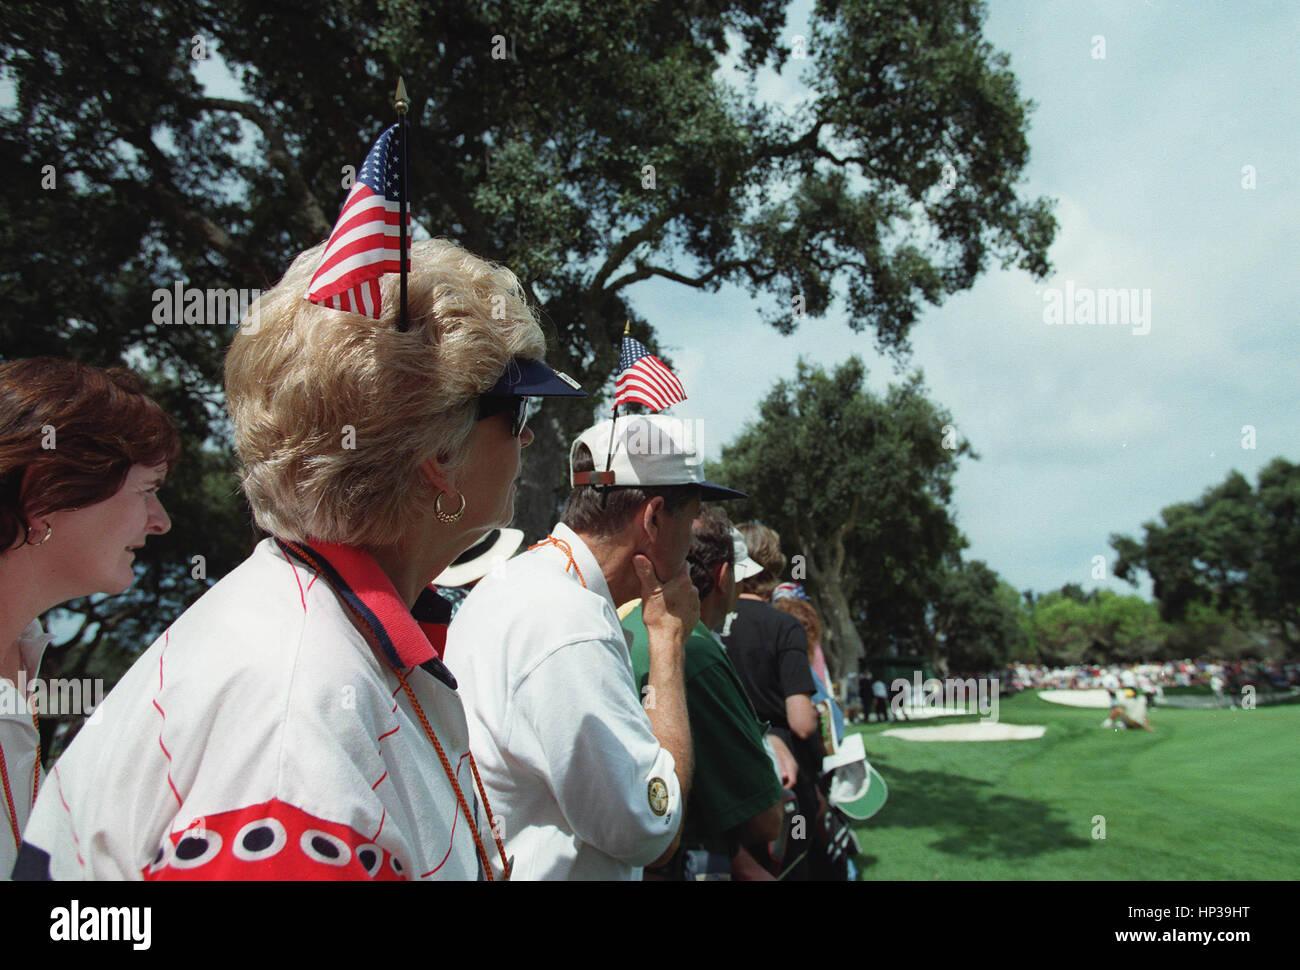 AMERICAN GOLF ESPECTADORES RYDER CUP VALDERRAMA España 28 de septiembre de 1997 Foto de stock